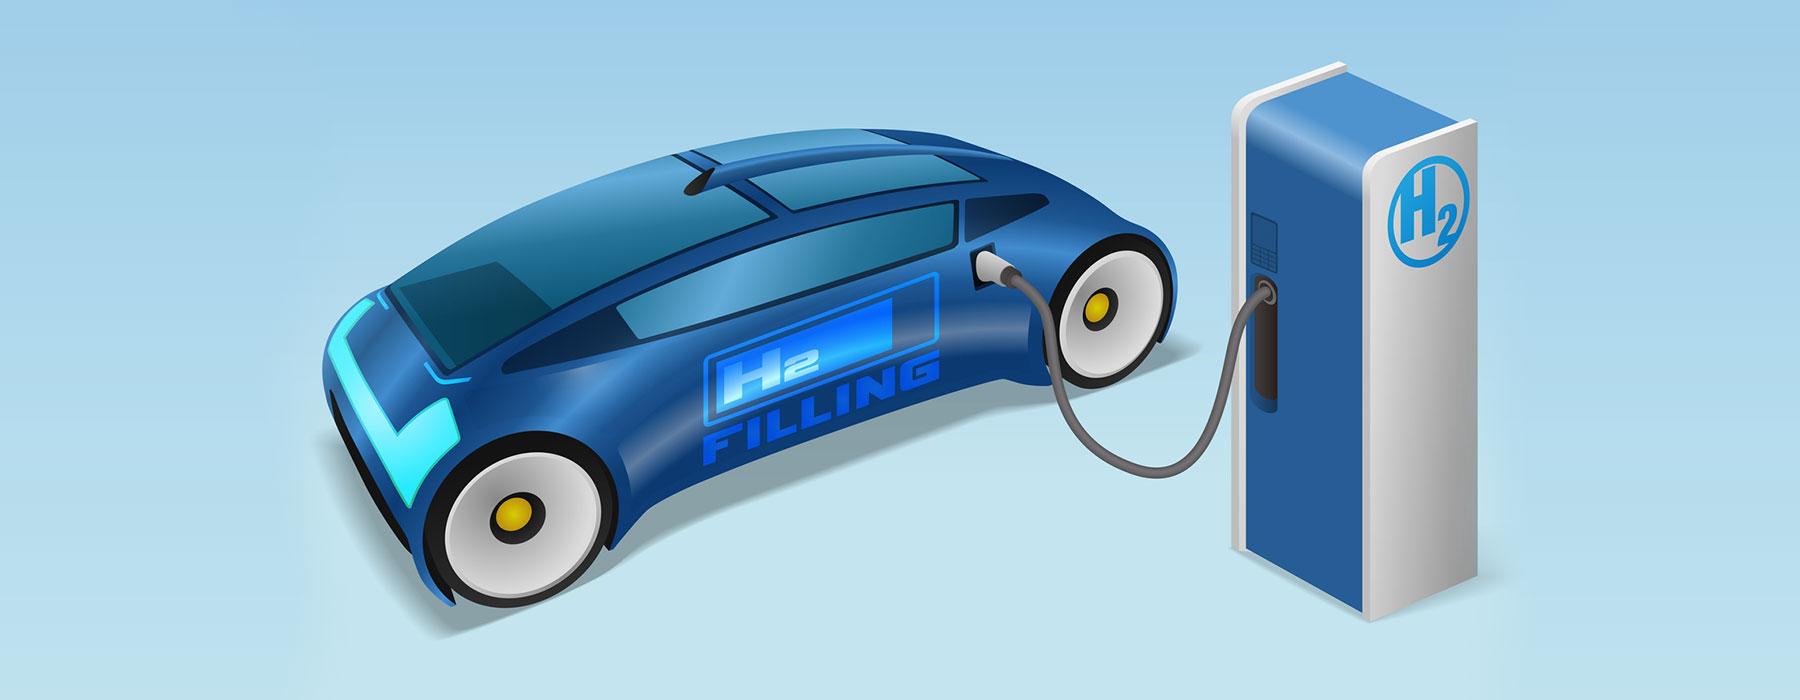 Автомобиль на водороде. Пора ли прощаться с бензином?